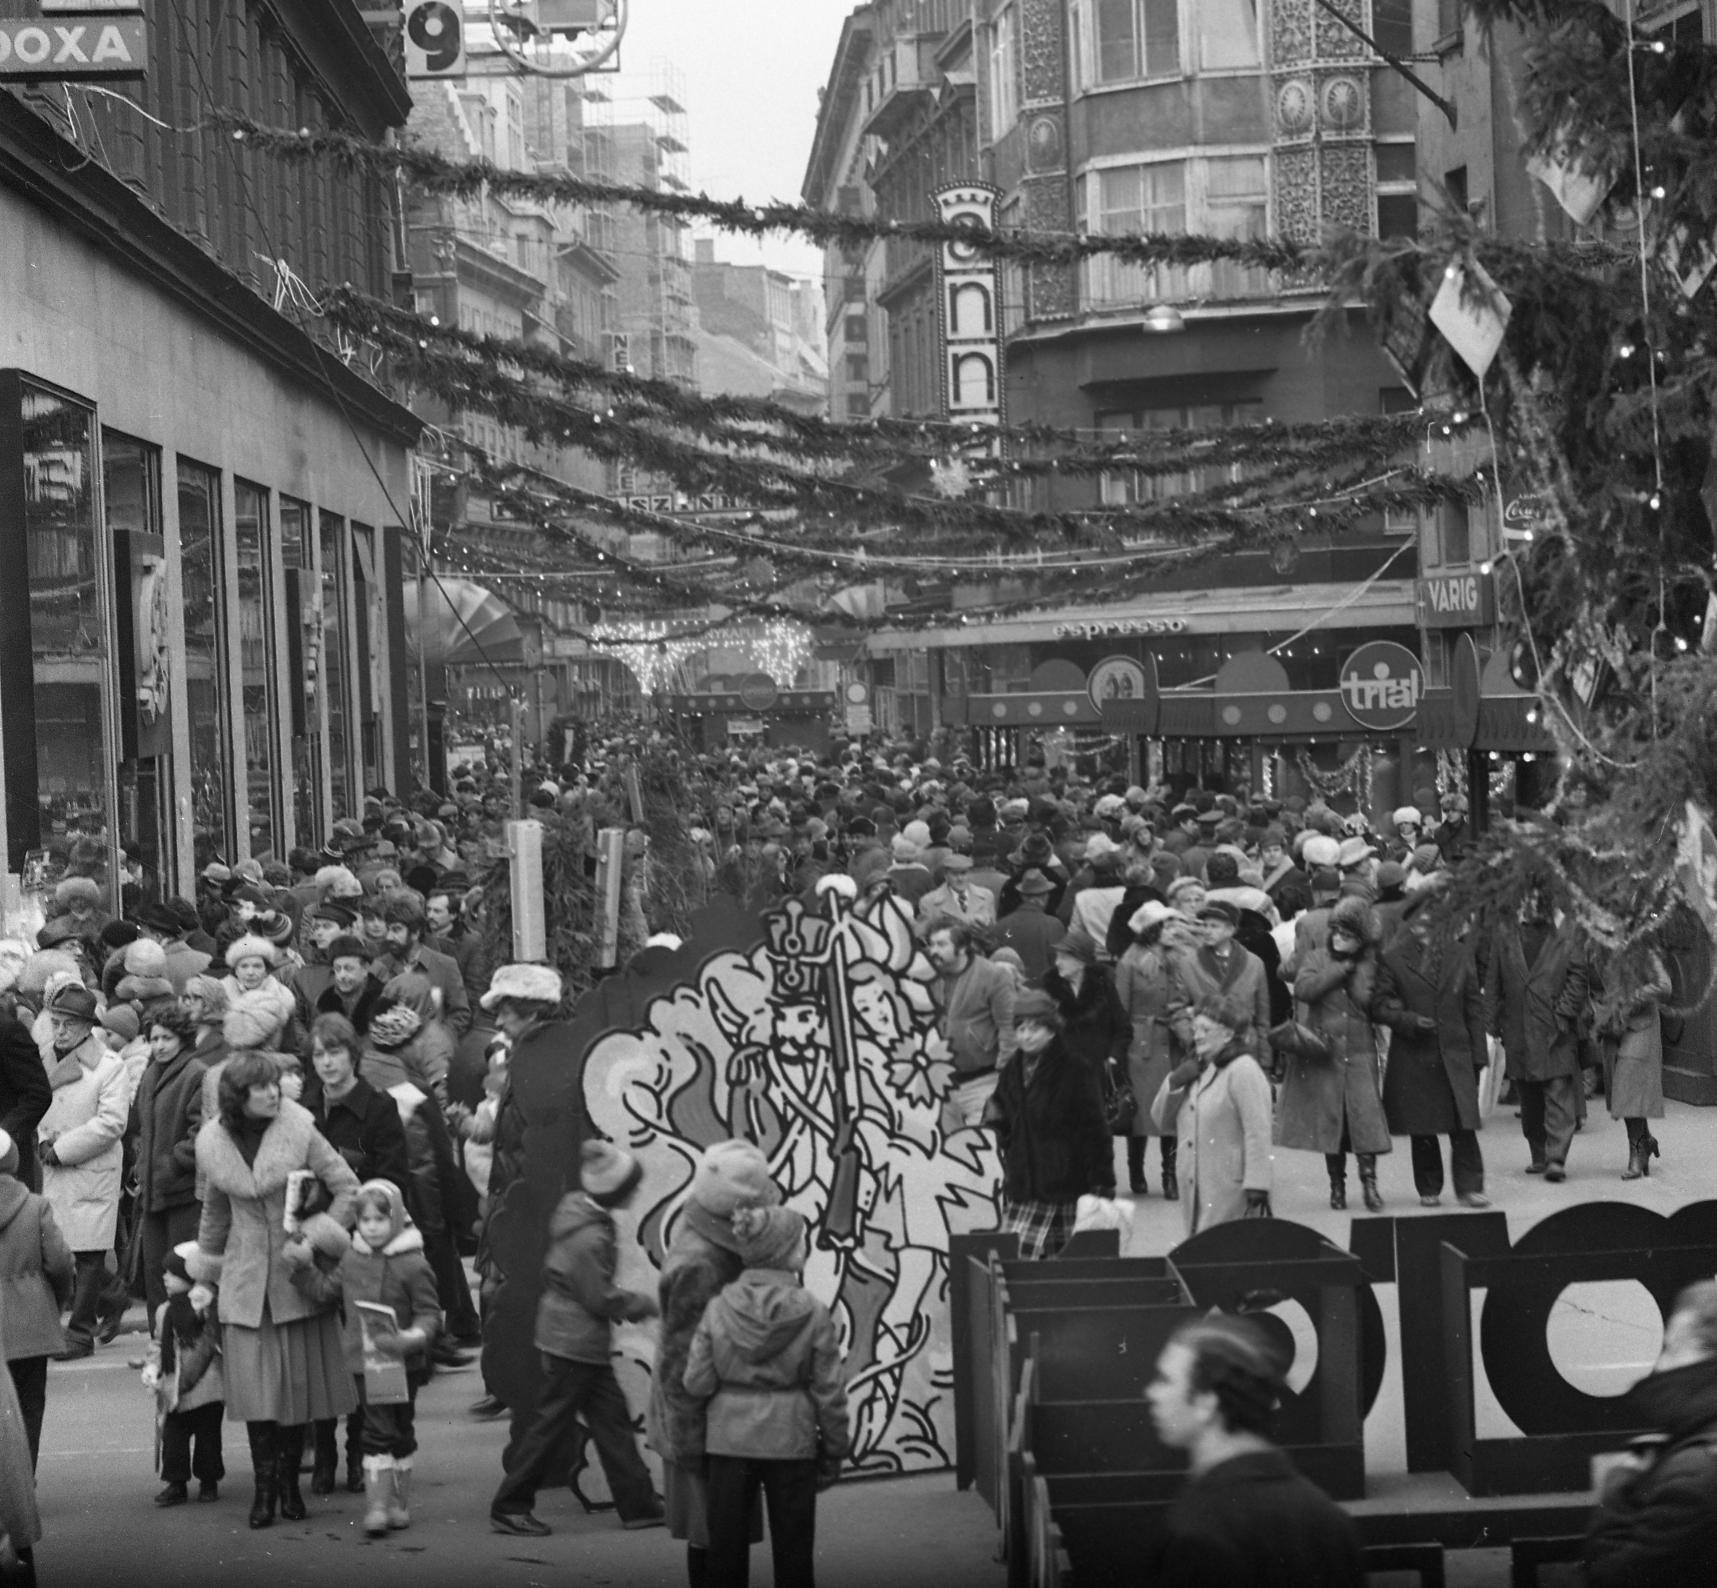 A Váci utca a Vörösmarty tér felől